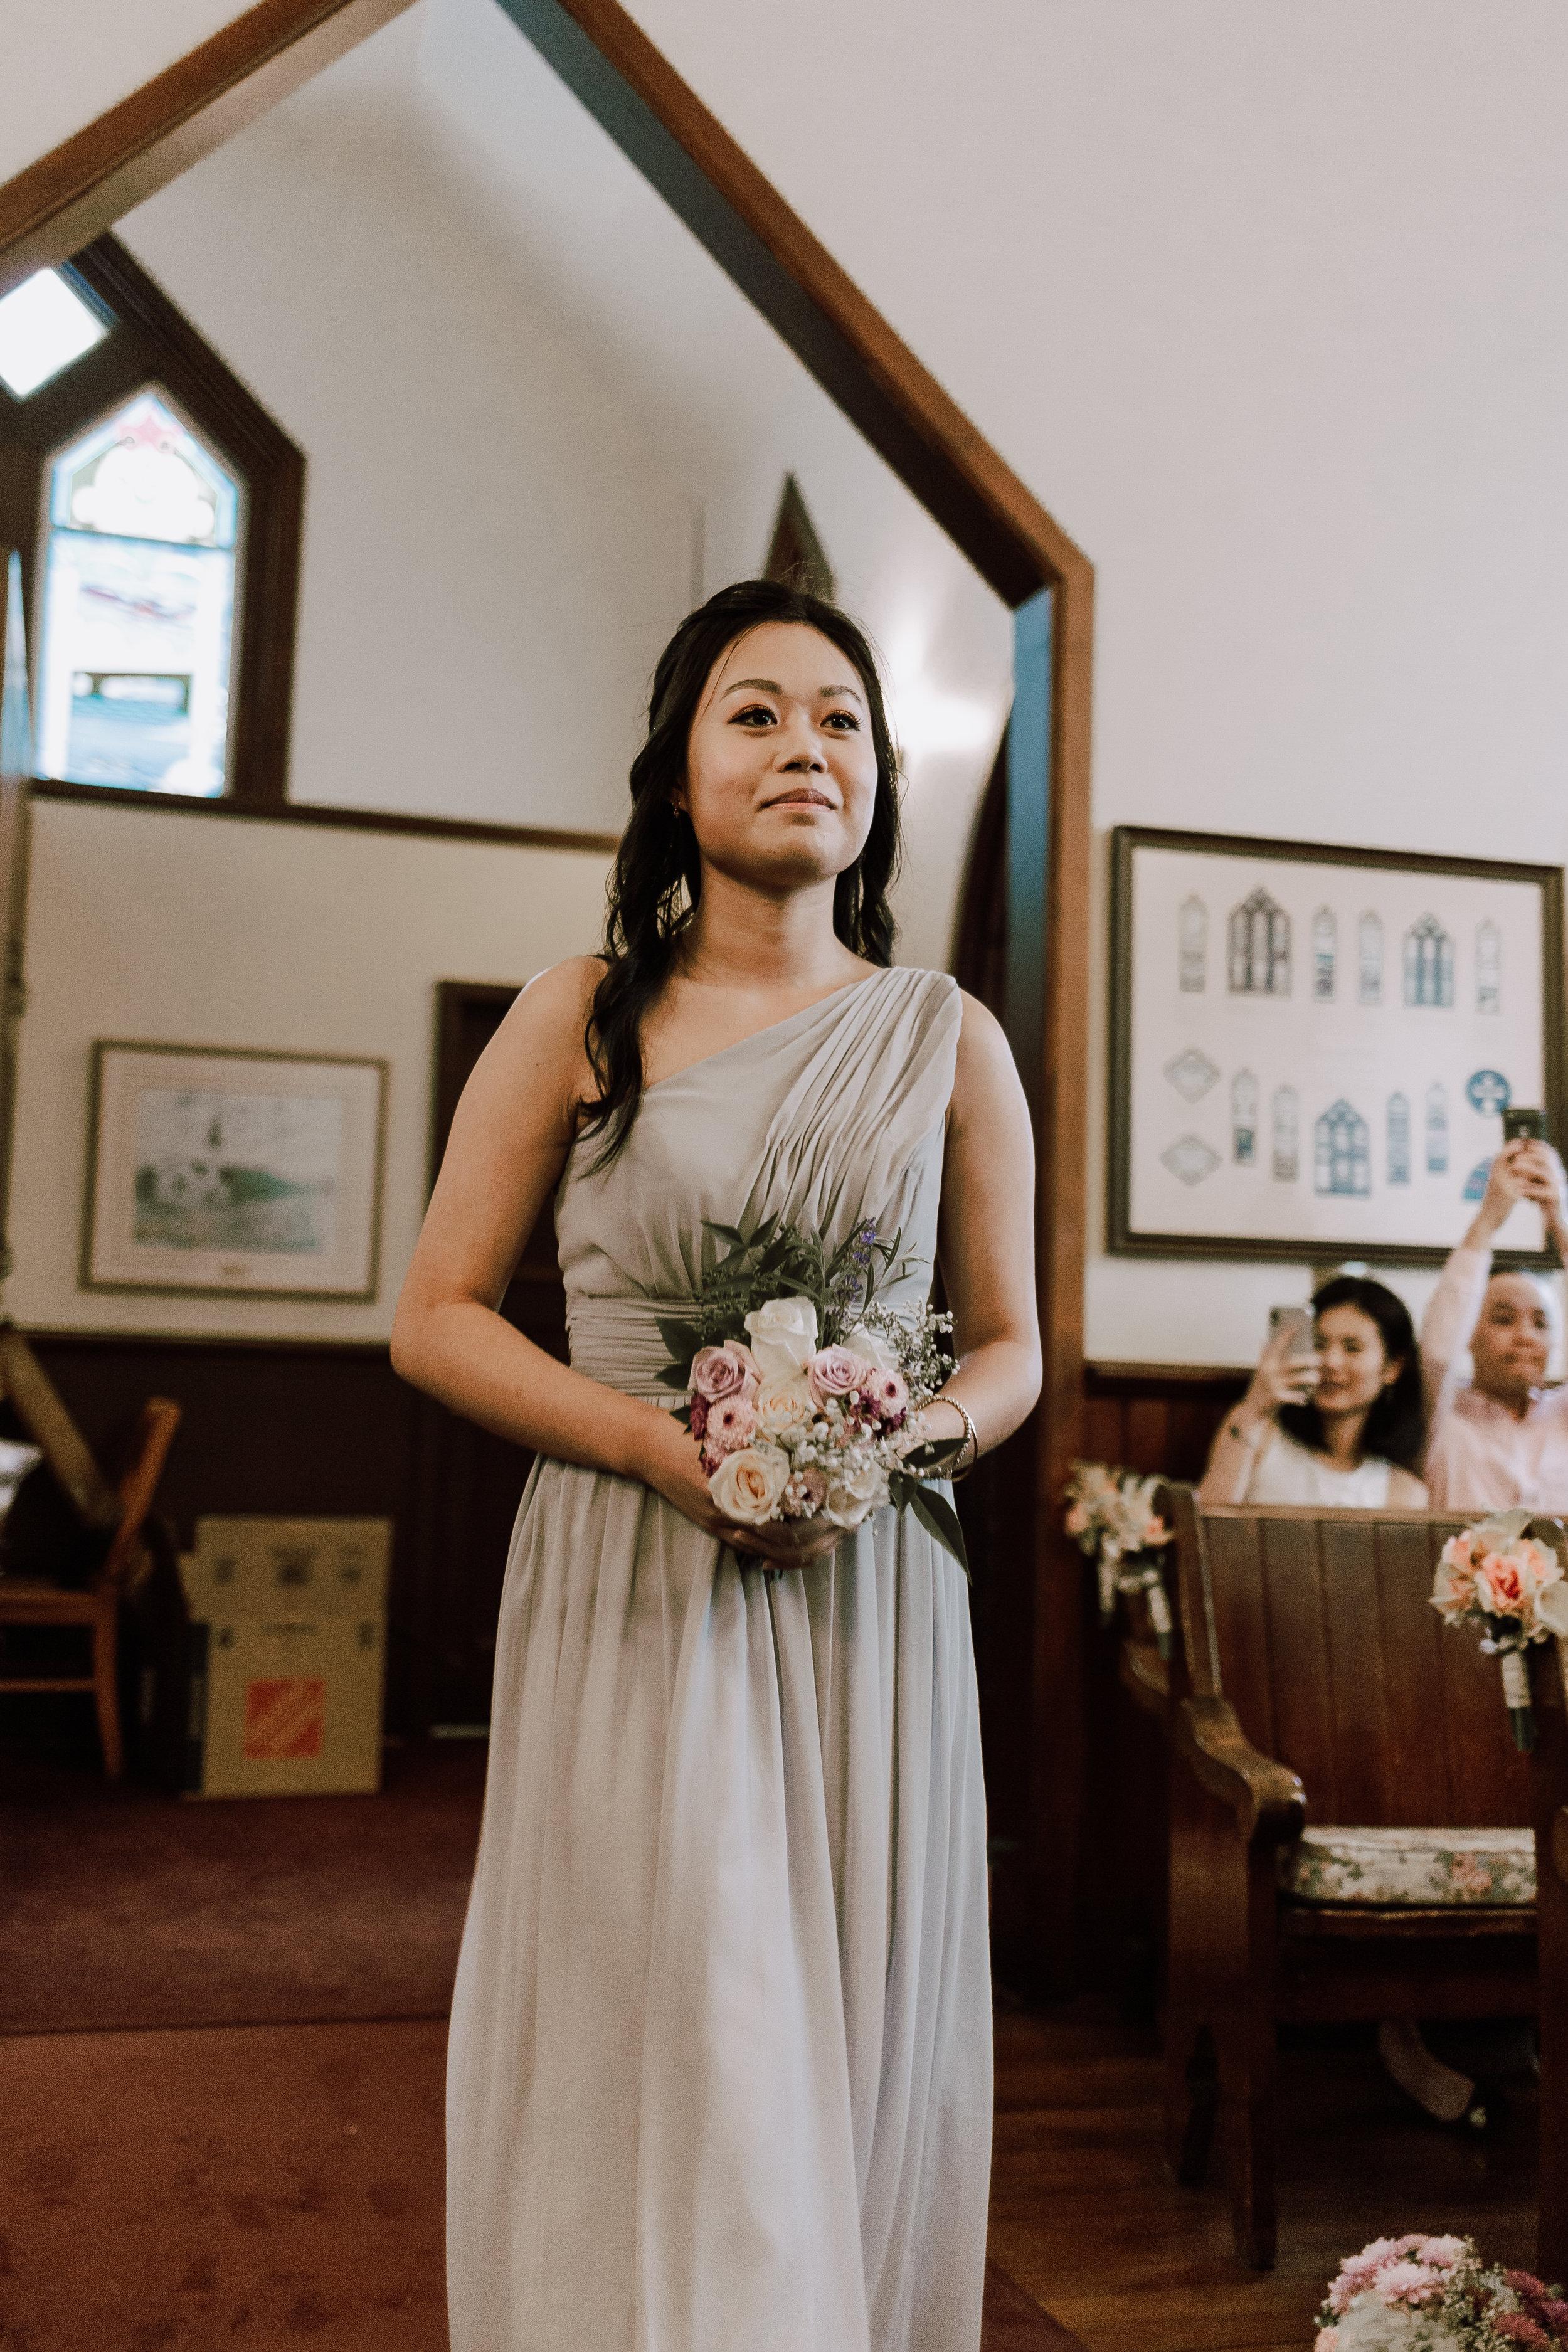 Wedding 090818-33.jpg